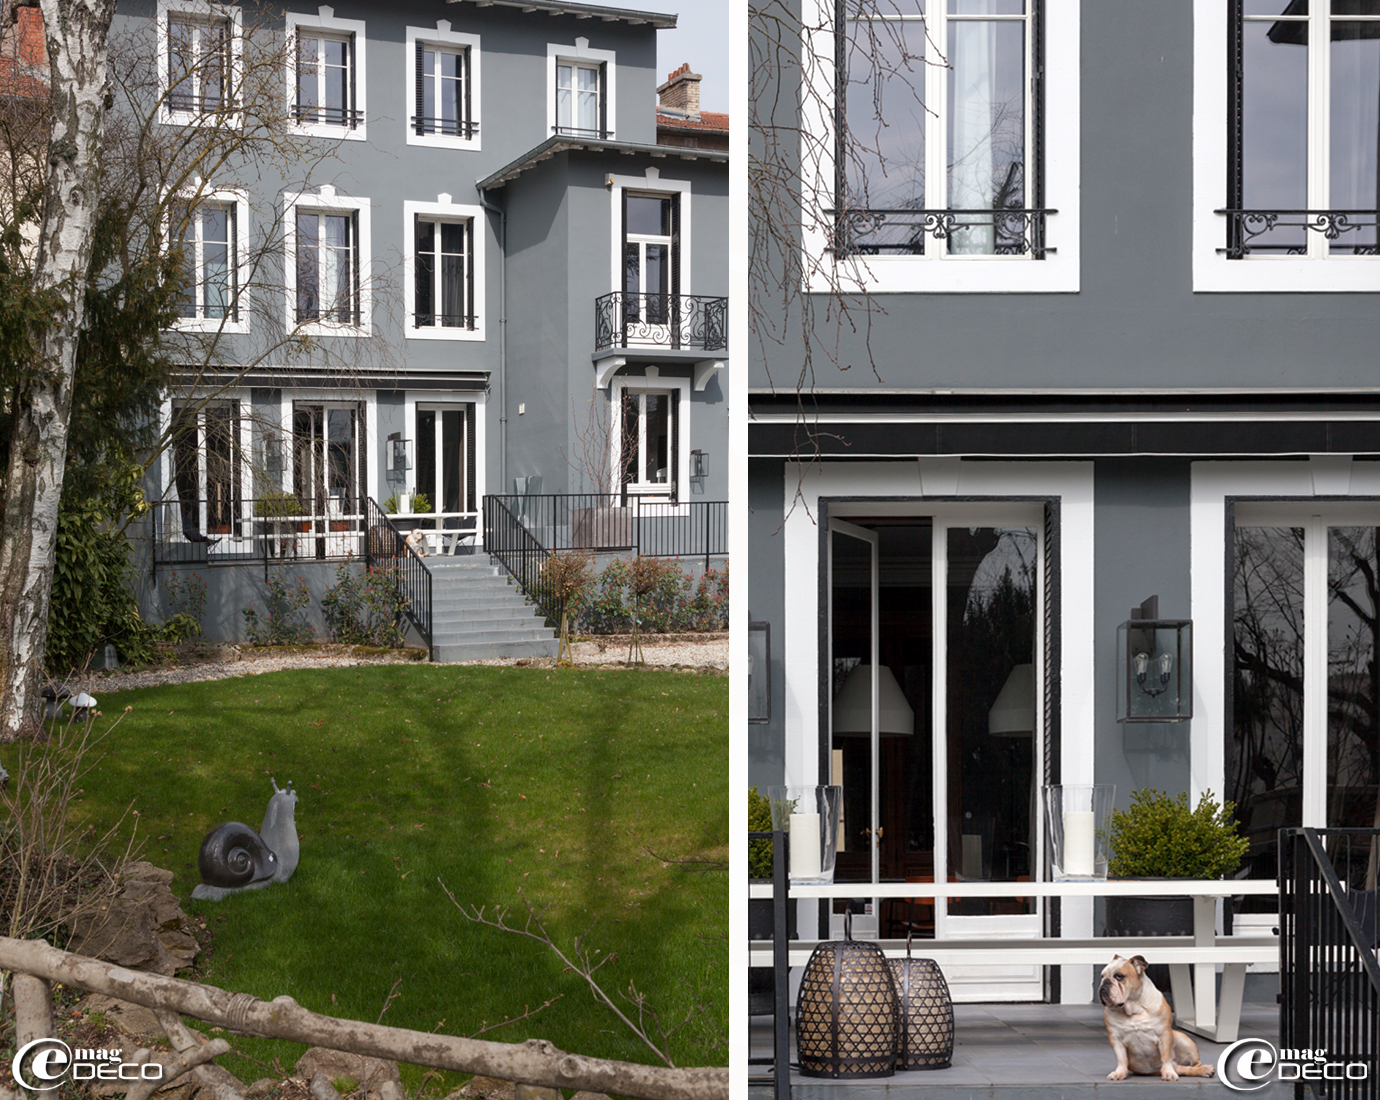 Façade et jardin de la maison d'hôtes 'La Villa 1901' à Nancy